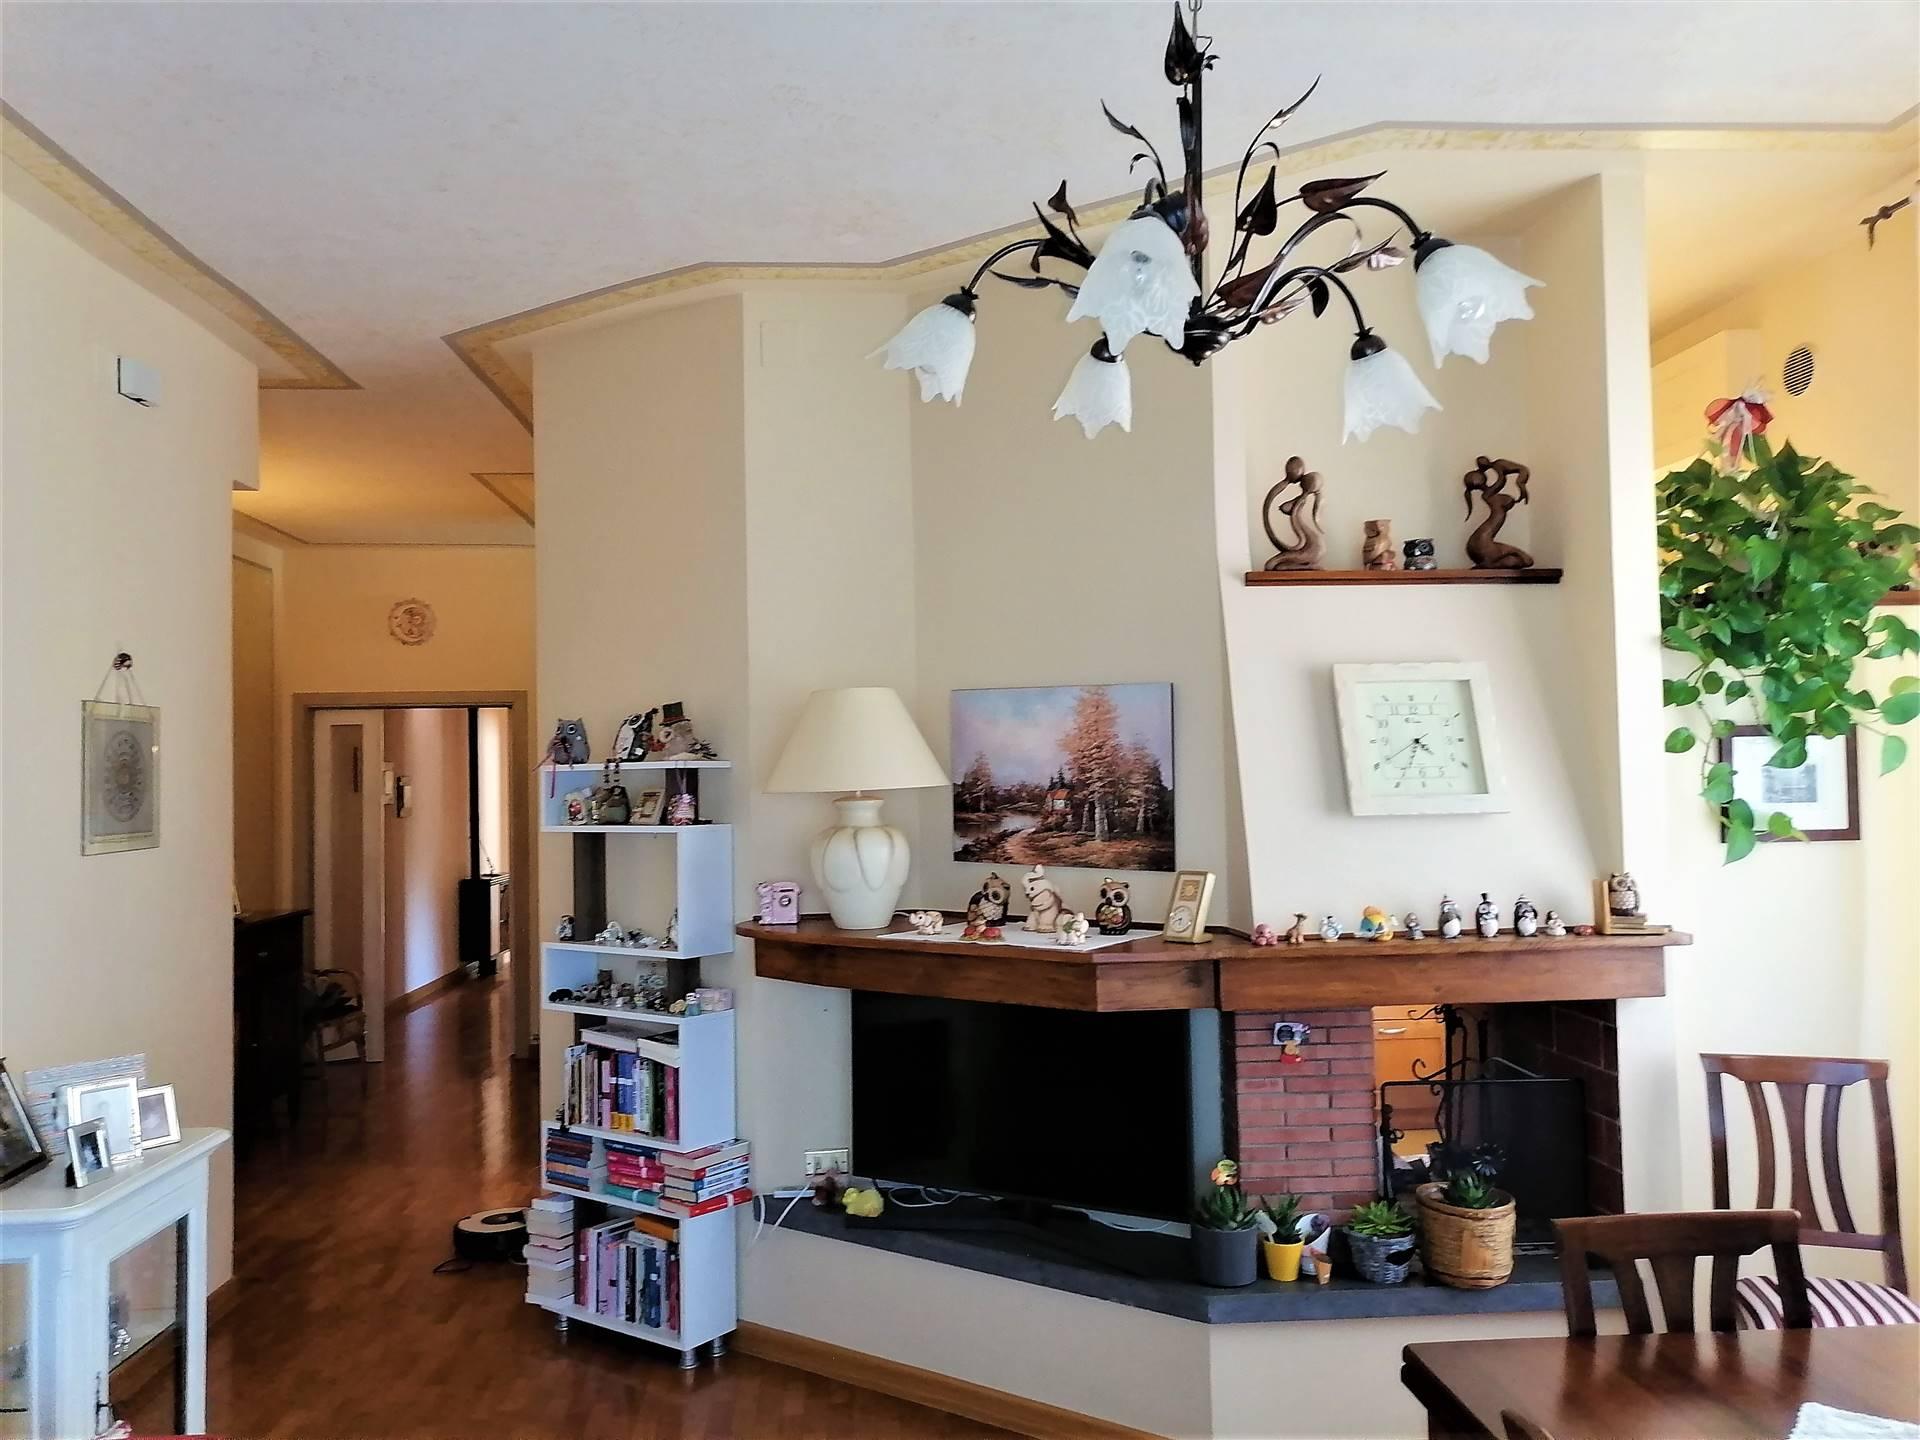 Appartamento in vendita a Monteleone d'Orvieto, 6 locali, zona Località: CENTRO, prezzo € 155.000   CambioCasa.it